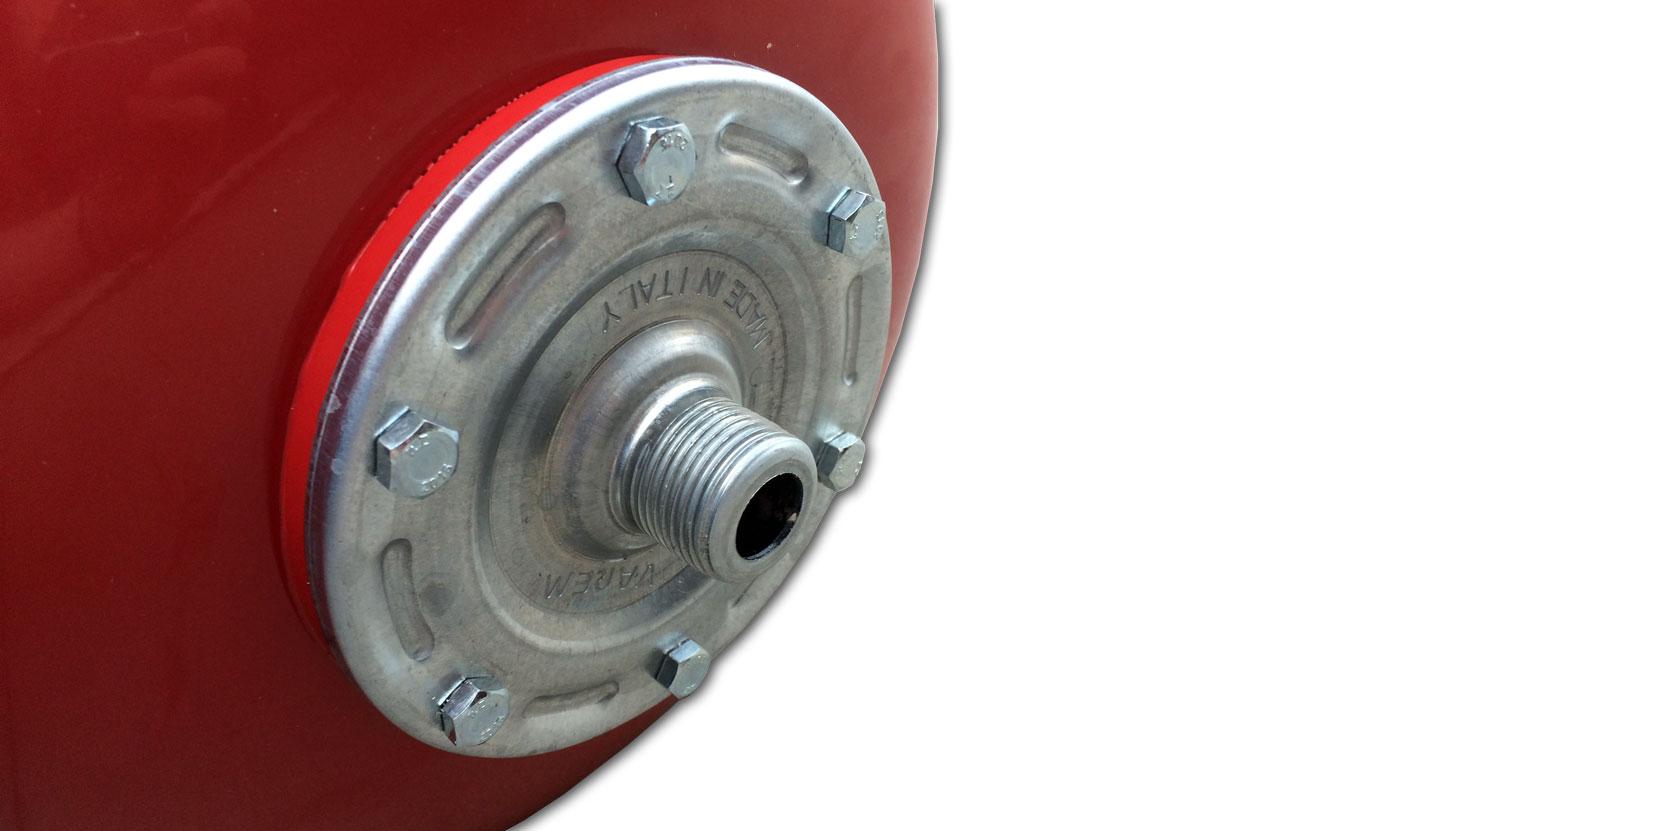 Vaso espansione autoclave membrana 24 lt for Vasi di espansione a membrana